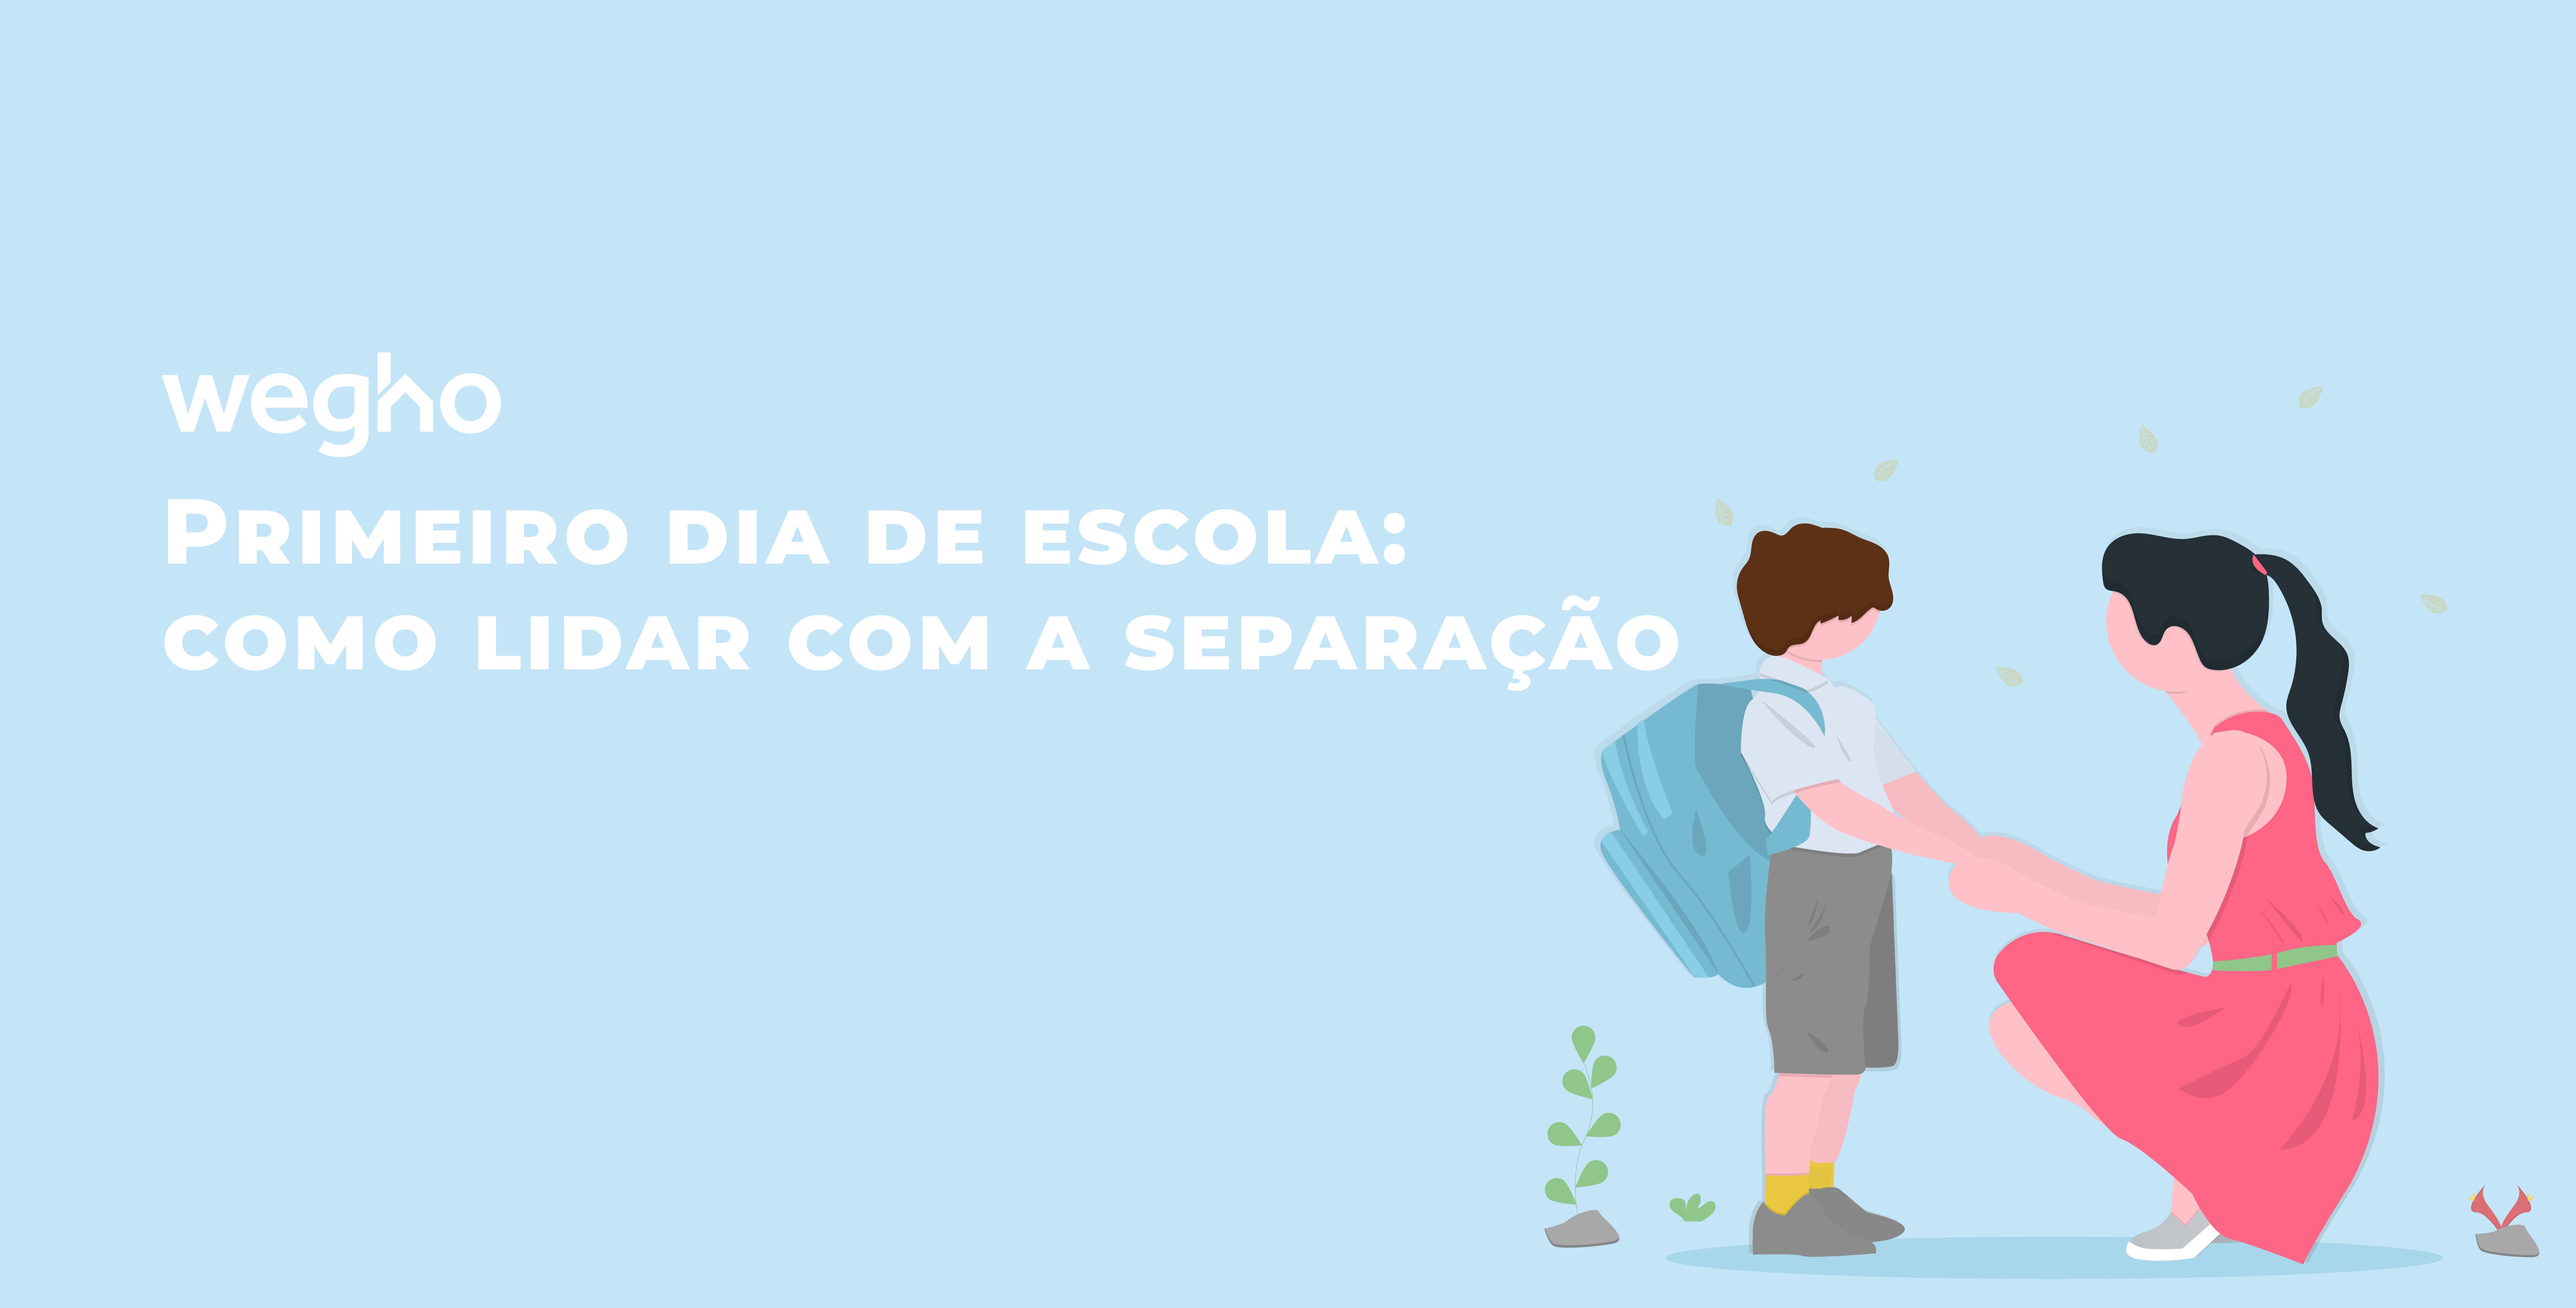 Primeiro dia de aulas: como lidar com a separação - primeiro dia de aulas - primeiro dia de escola - Wegho